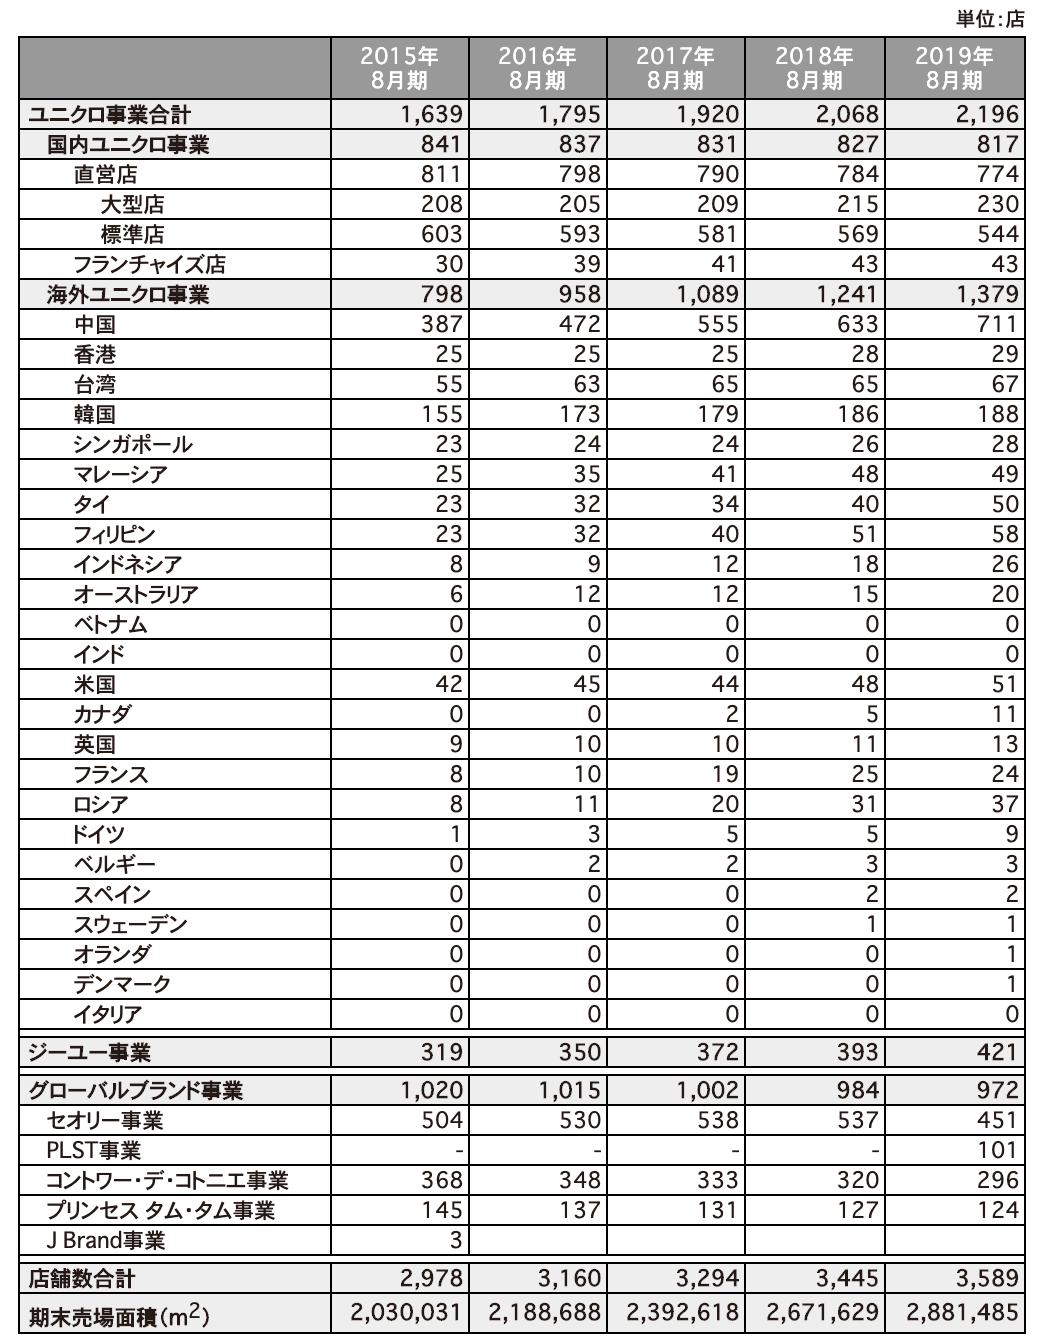 ユニクロの海外地域別店舗数